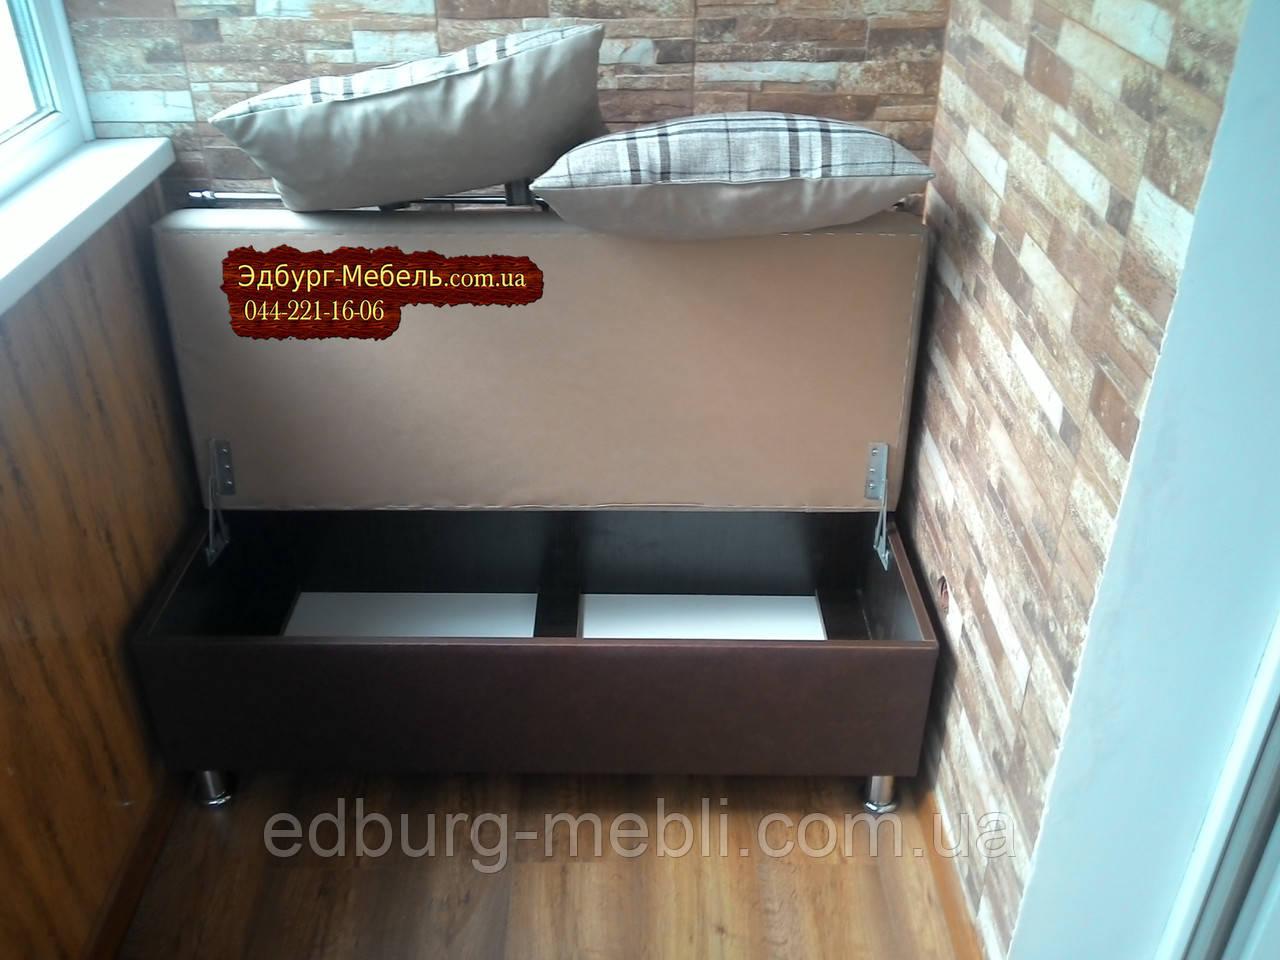 """Диван для кухни, лоджии, балкона """"Комфорт"""" экокожа + ткань 1100х500мм - фото 3"""